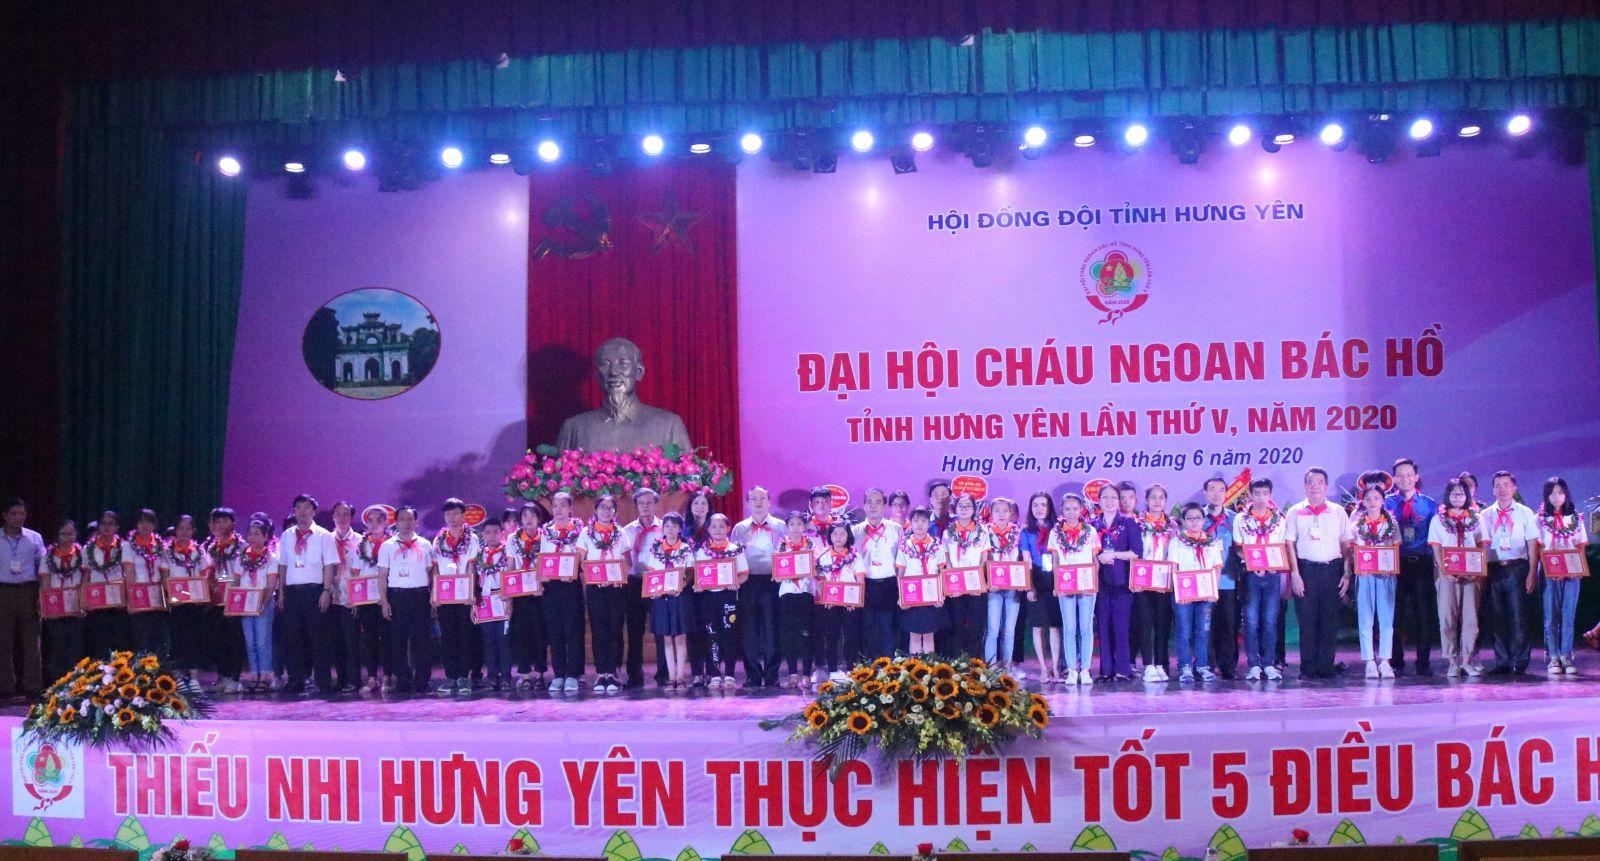 Đại hội Cháu ngoan Bác Hồ tỉnh Hưng Yên lần thứ V - năm 2020